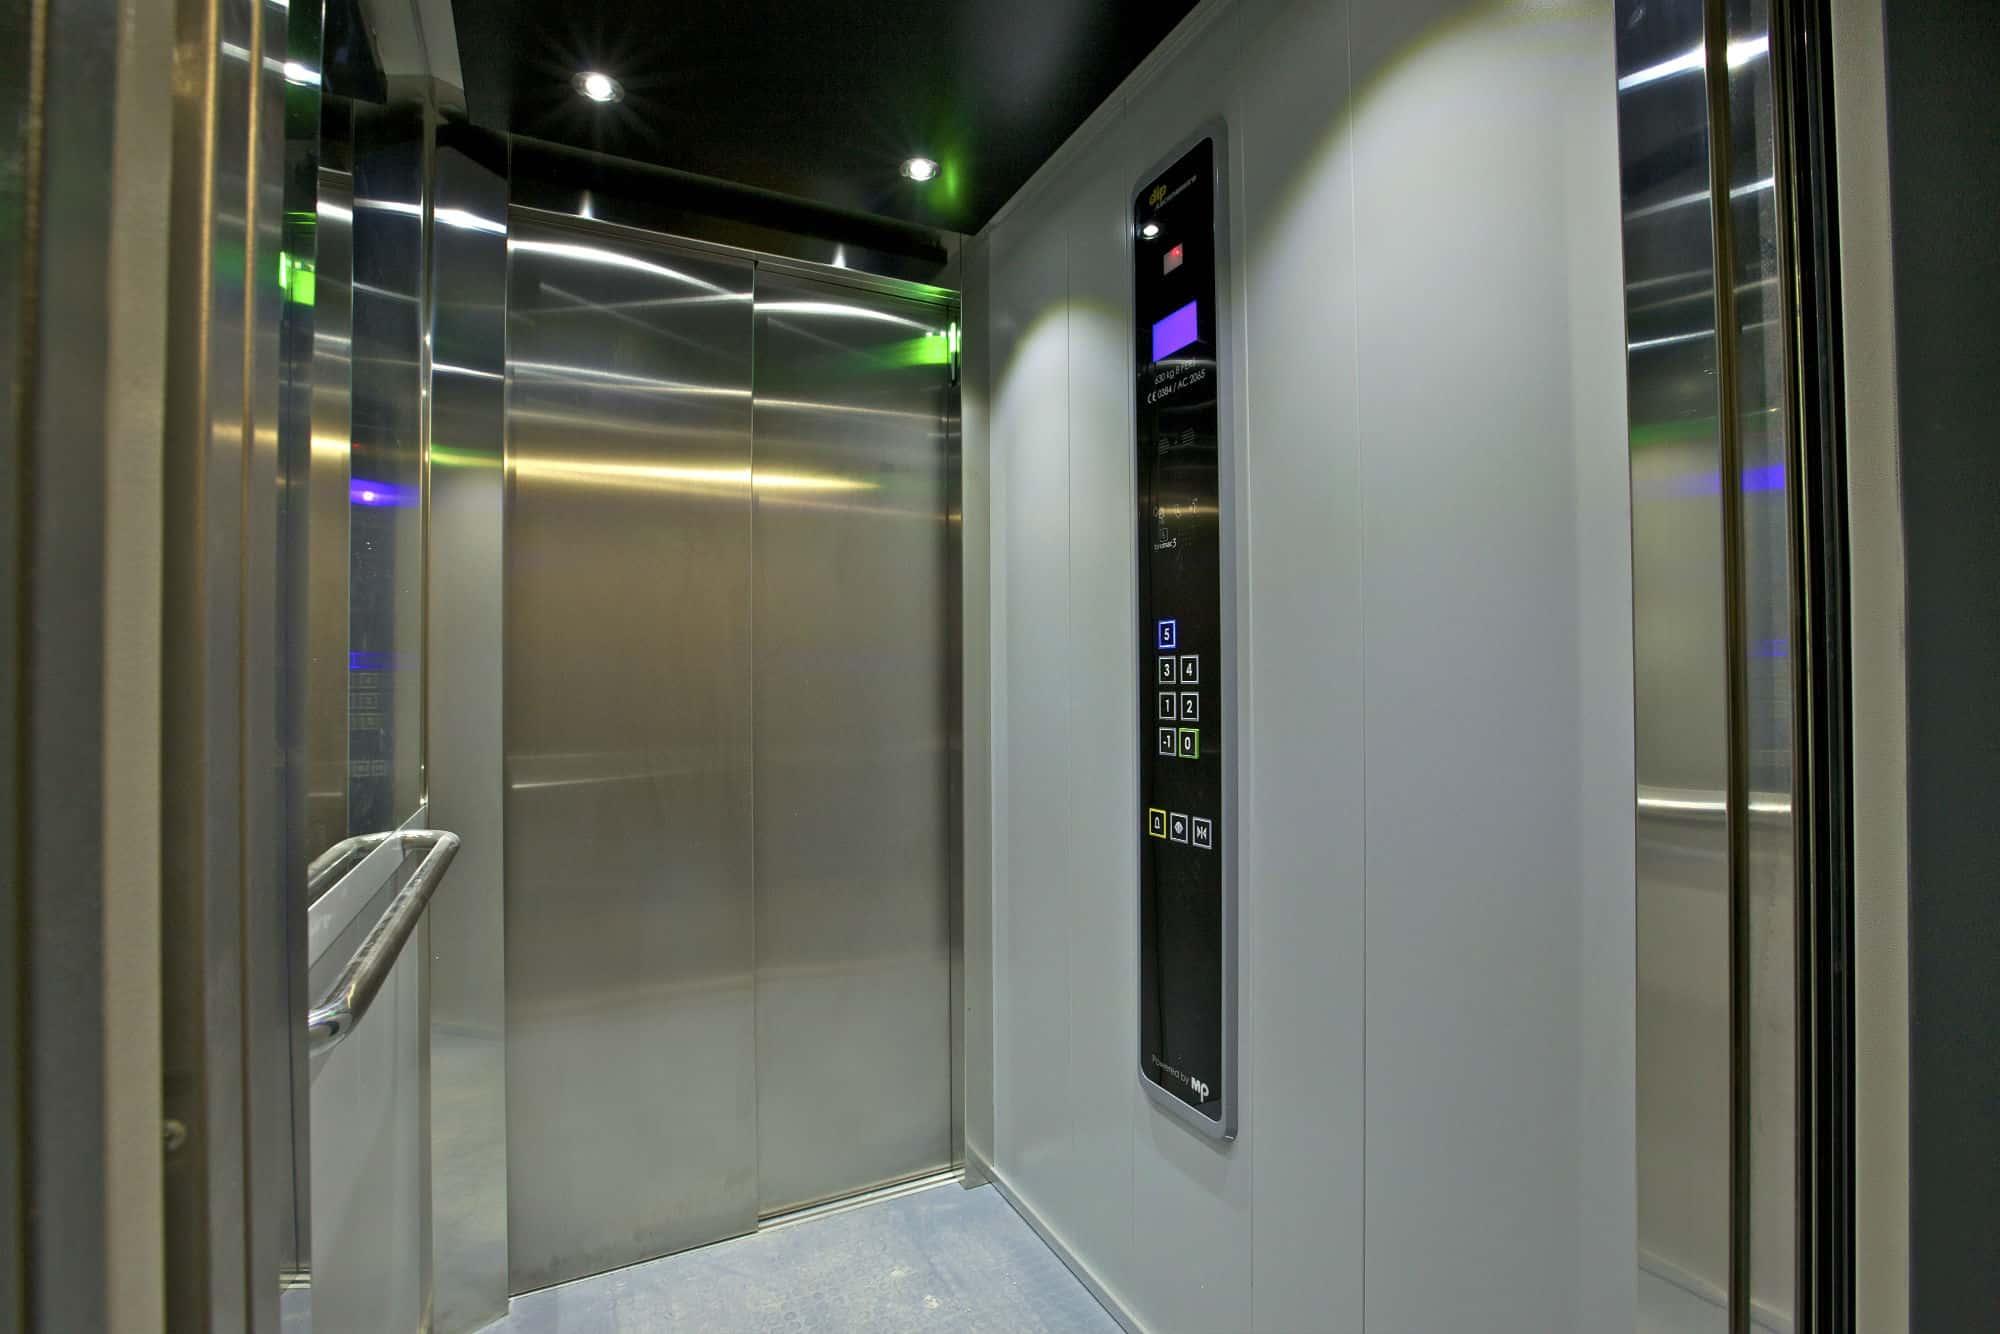 Vue d'intérieur d'un ascenseur